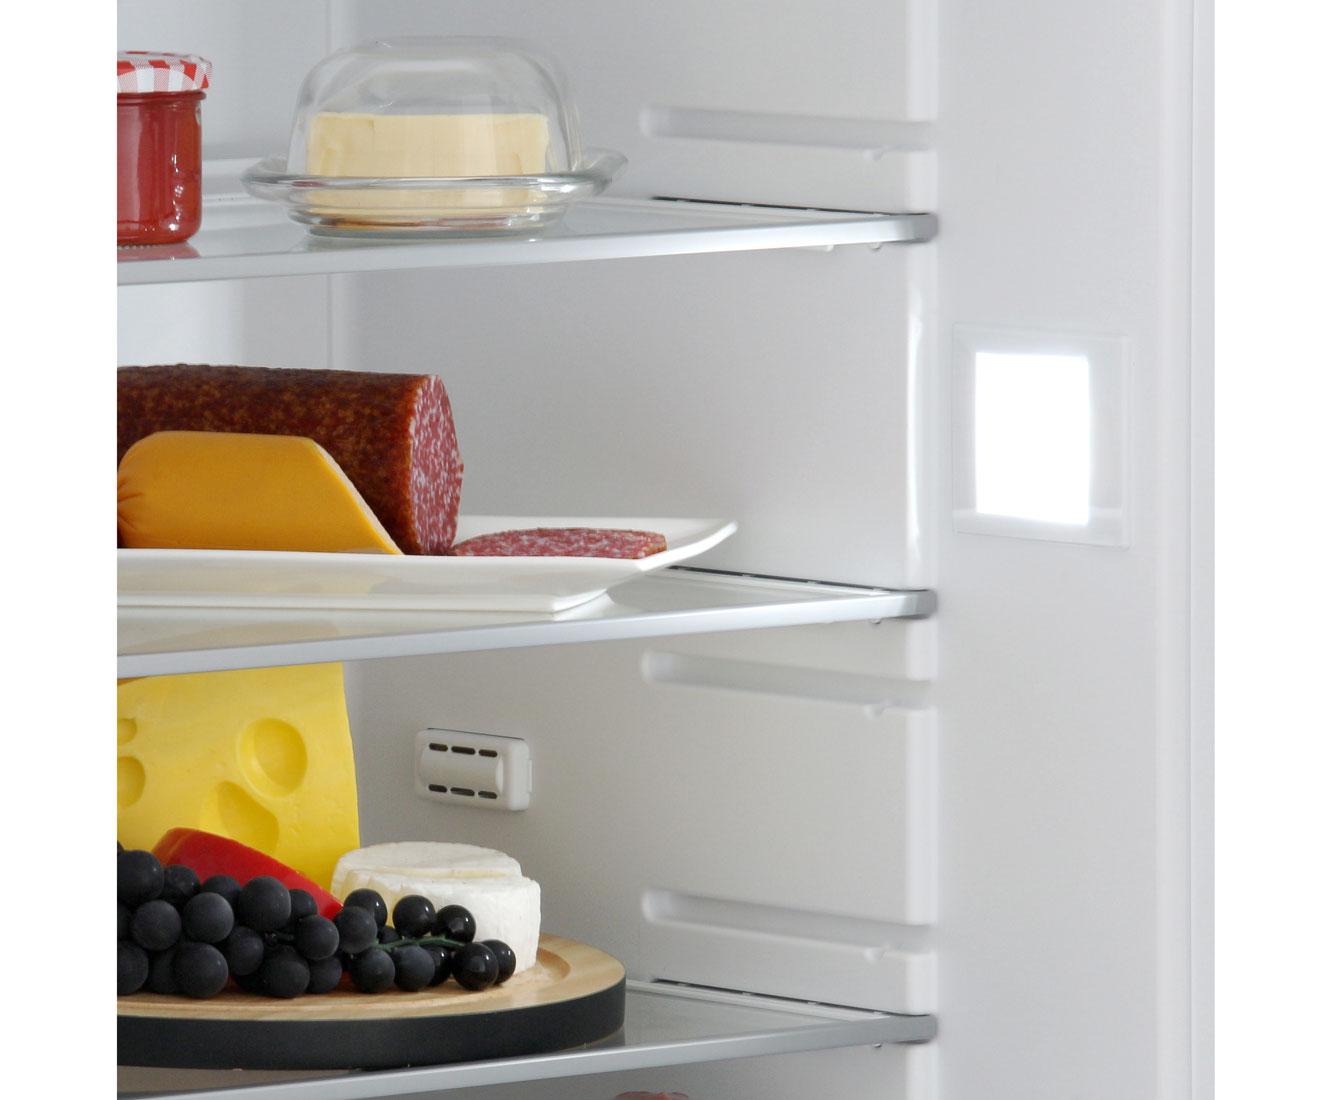 Siemens Kühlschrank Festtür Einbau : Siemens iq ki rvf einbau kühlschrank er nische festtür